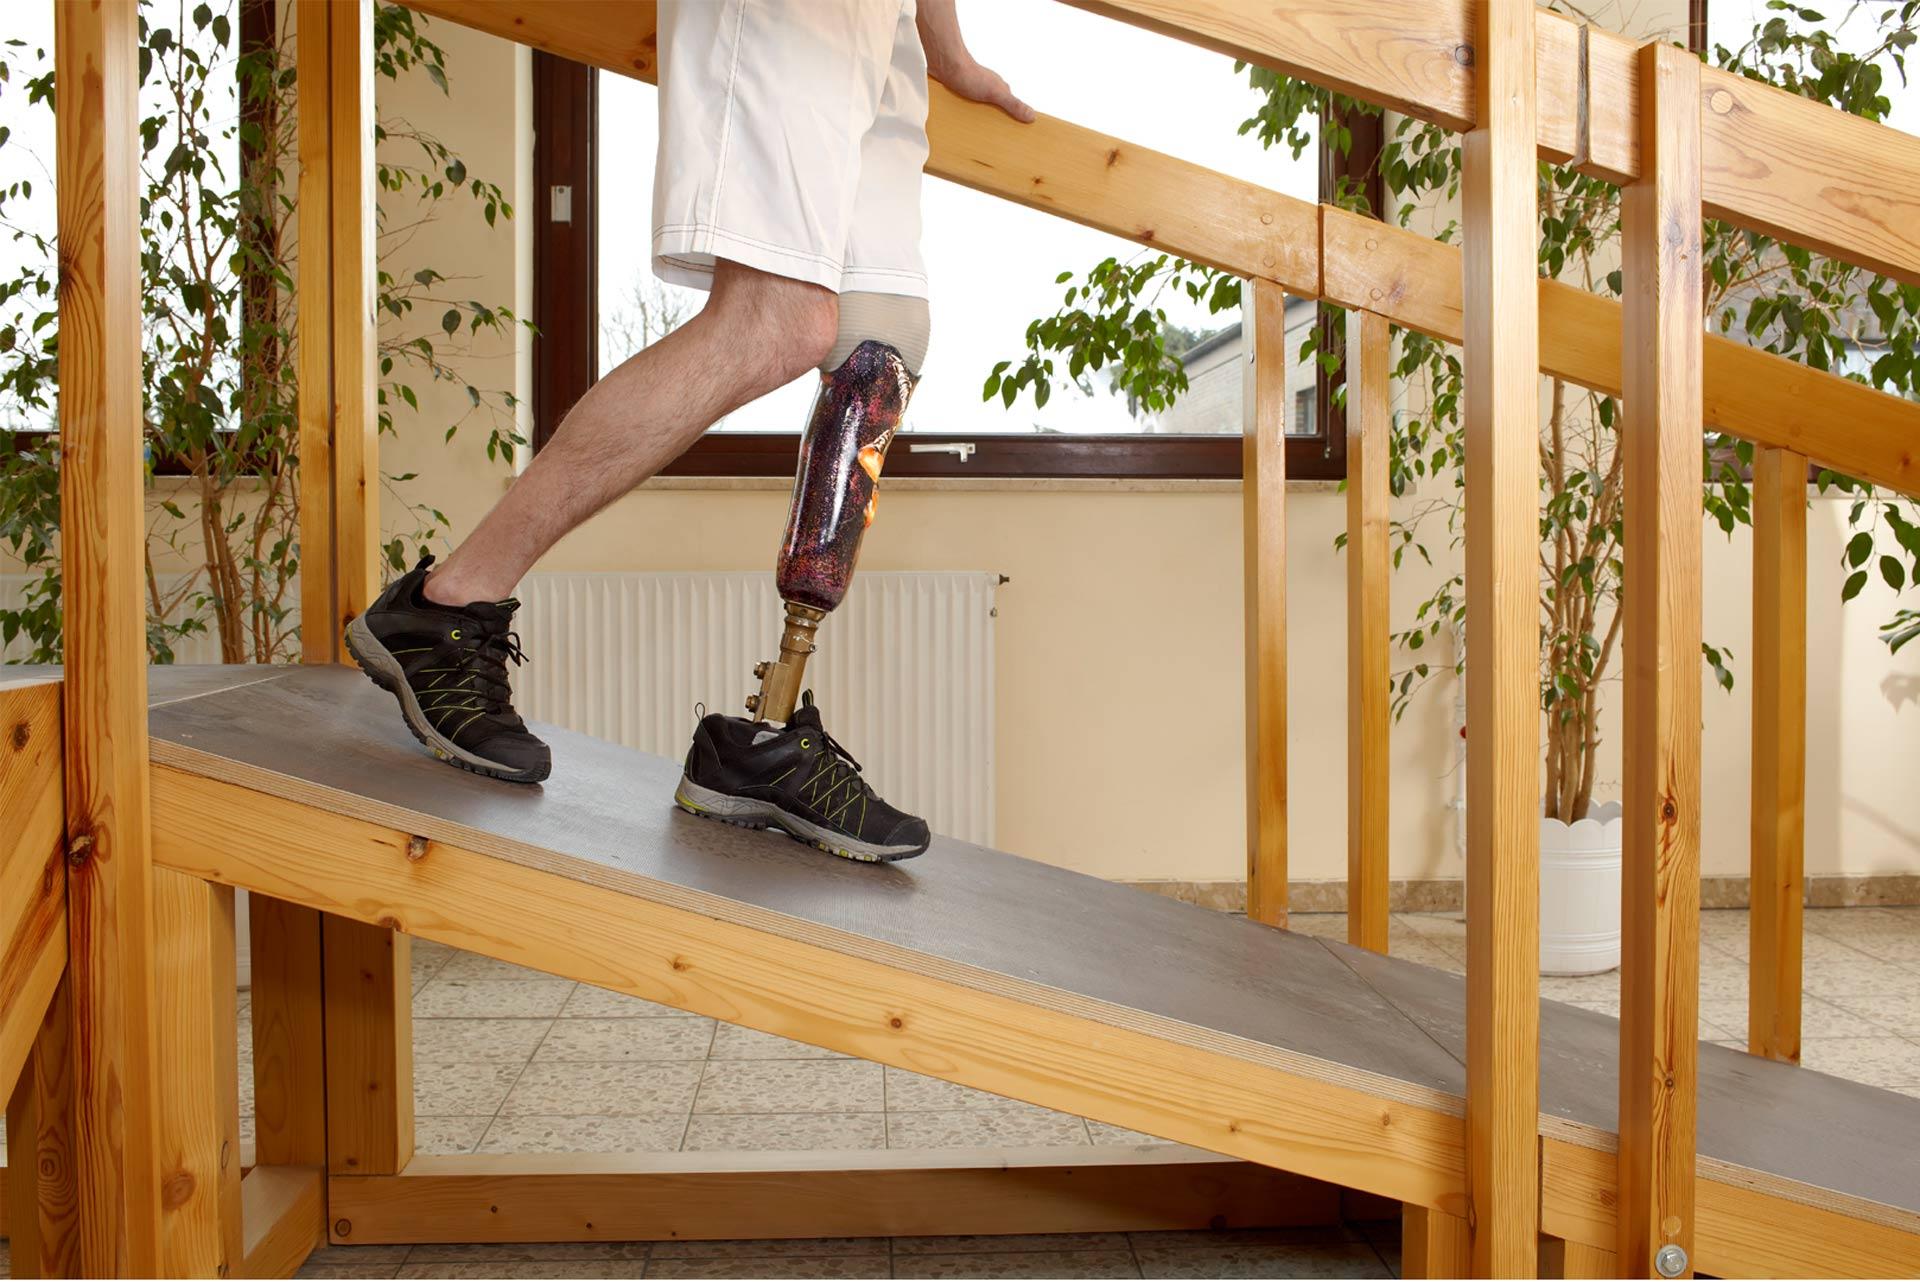 El proyecto fue ideado por estudiantes peruanos para mejorar la calidad de vida de quienes han perdido sus piernas